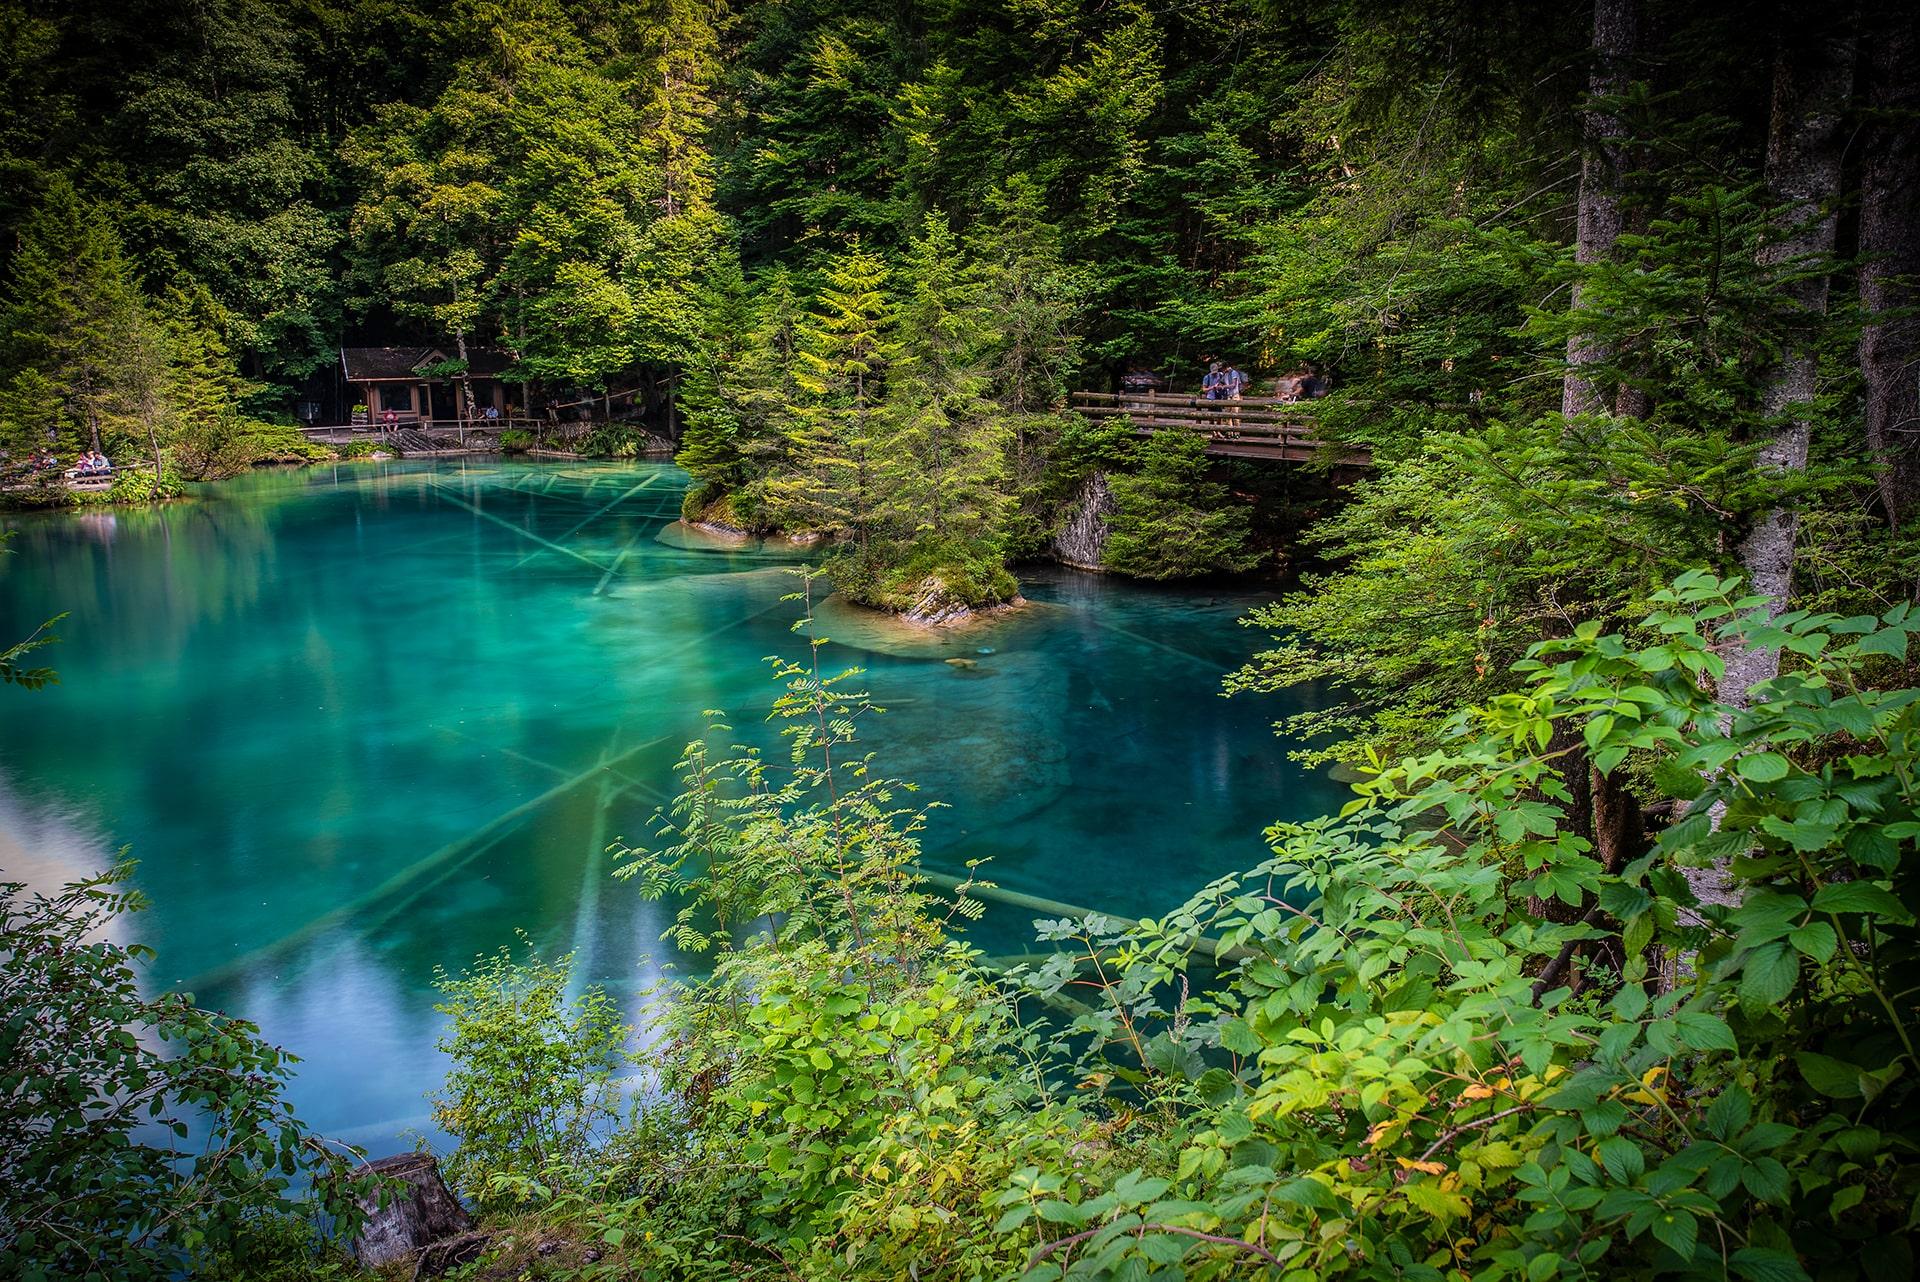 Blog Lifestyle - Un parc naturel magnifique - Suivre sa Joie - Saskia Parein